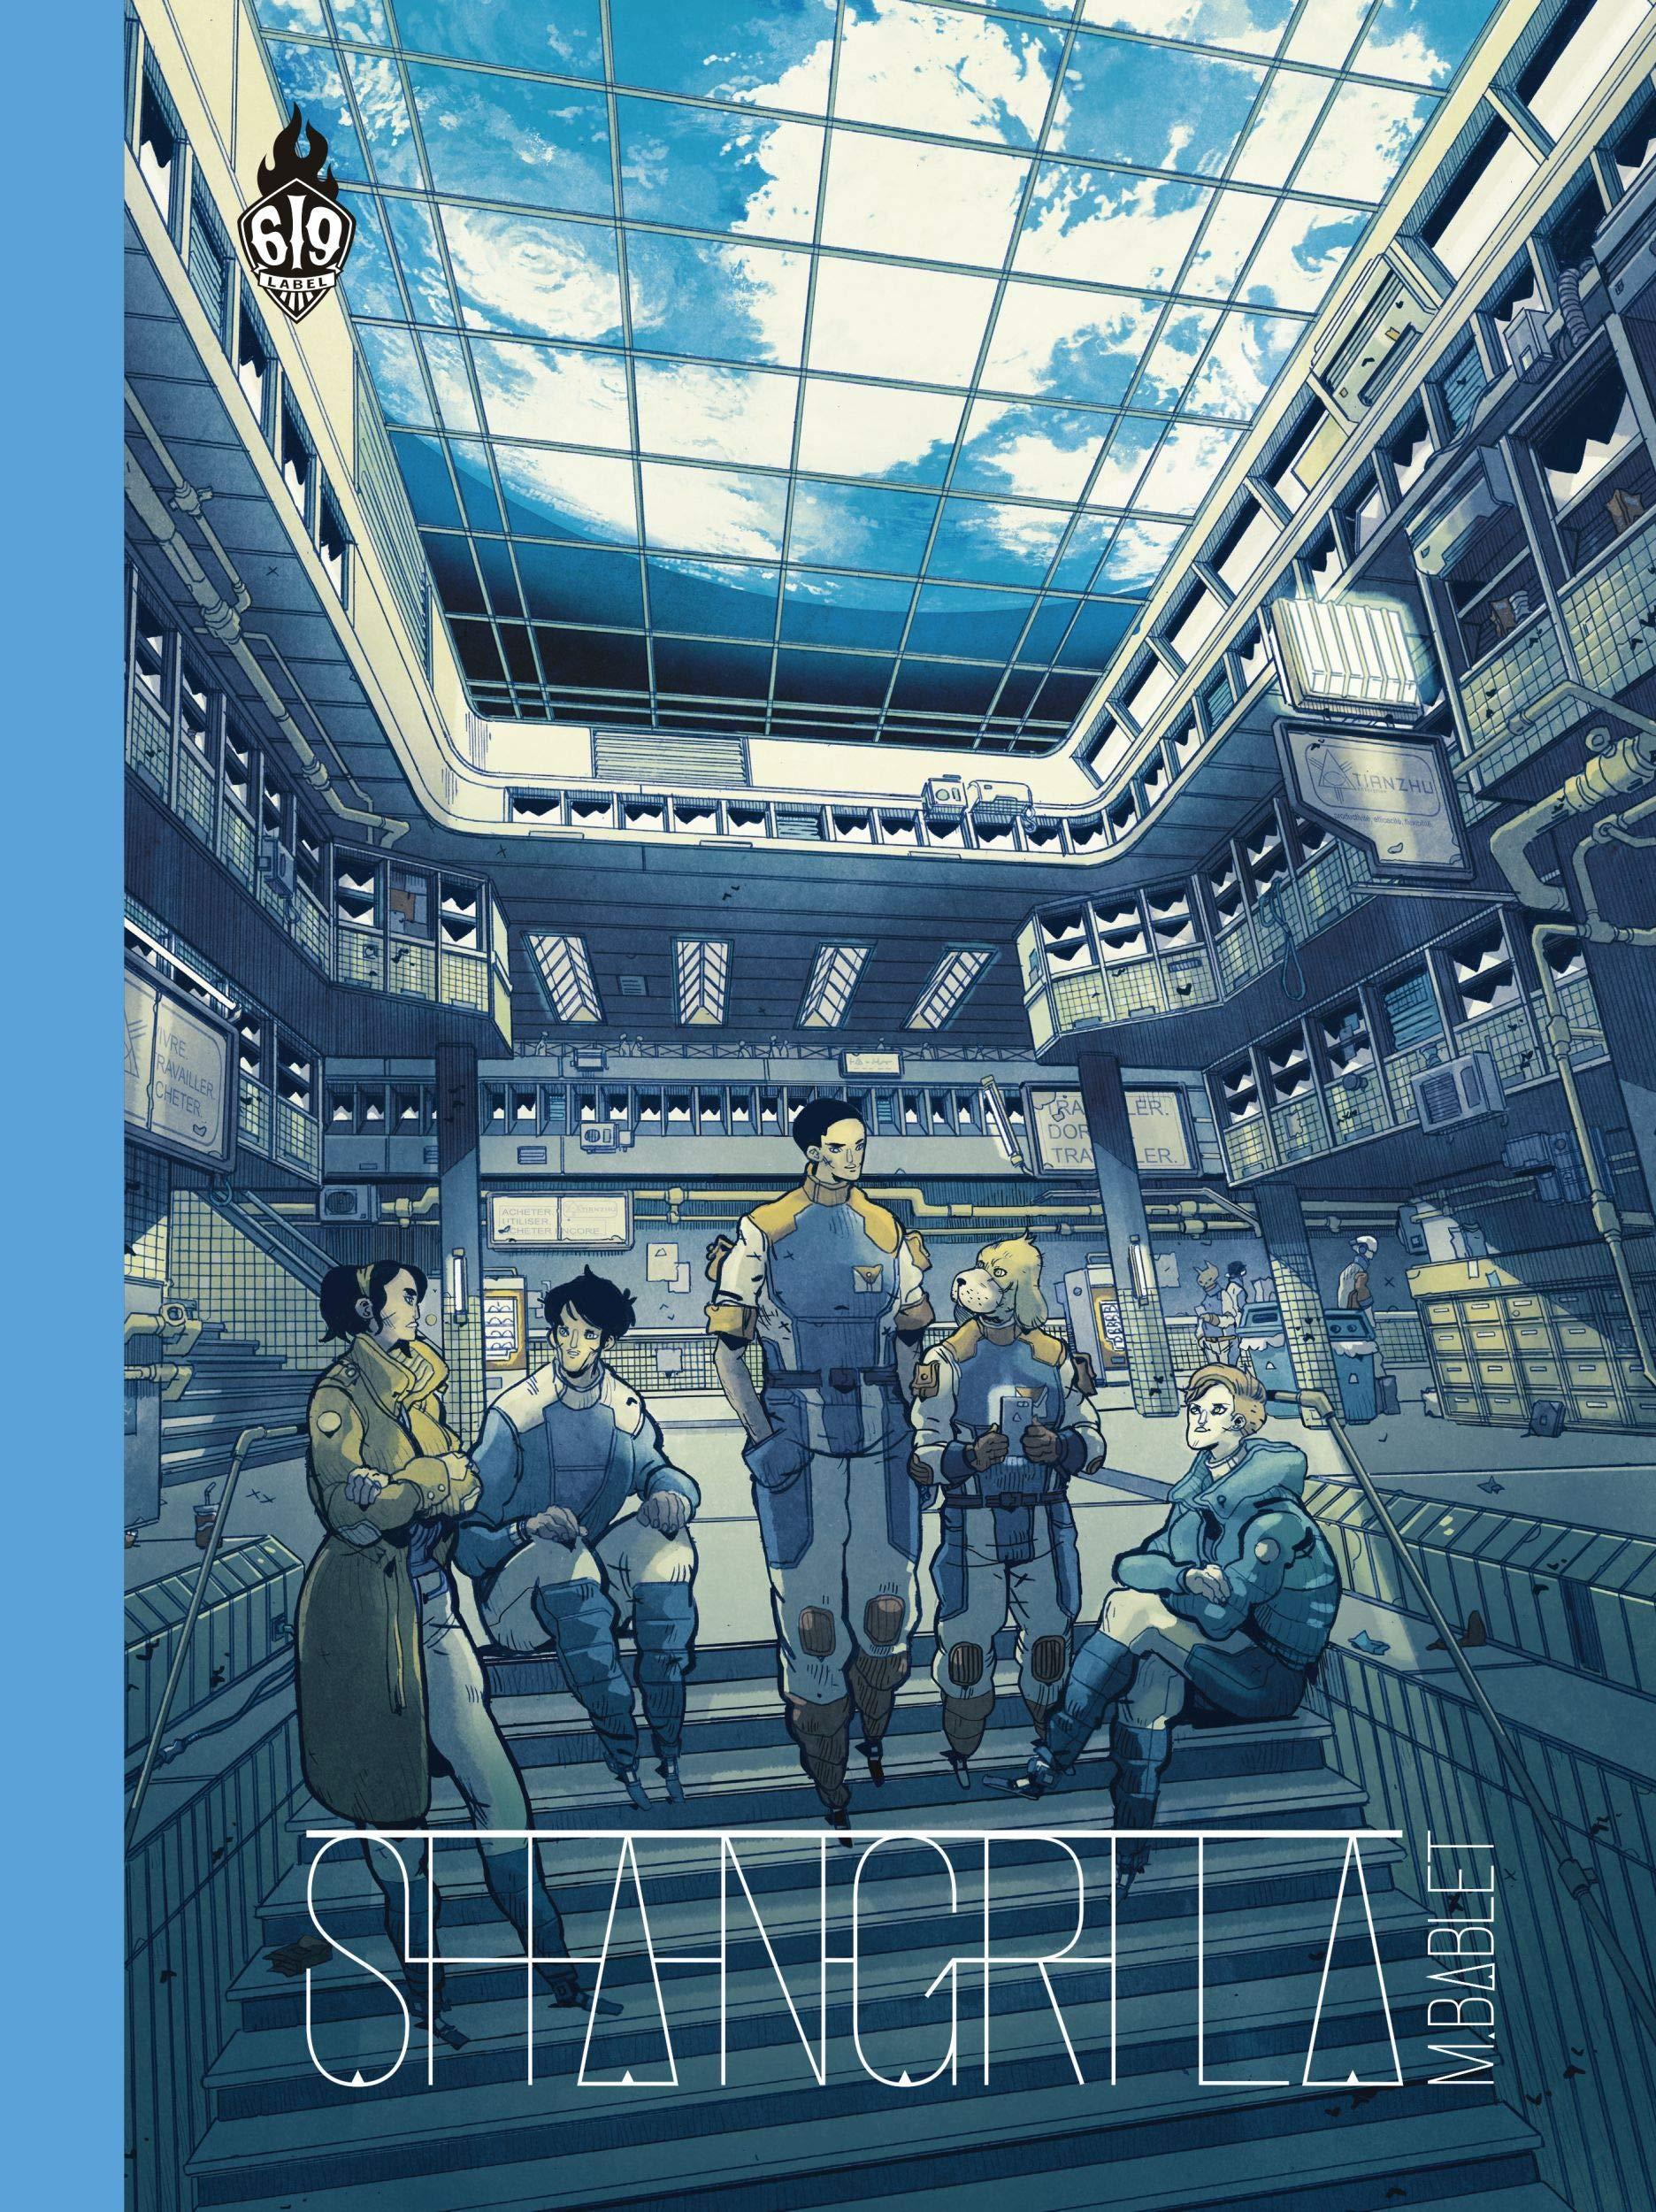 Couverture pour la réédition de « Shangri La » (édition spéciale 15 ans d'Ankama - 2020).